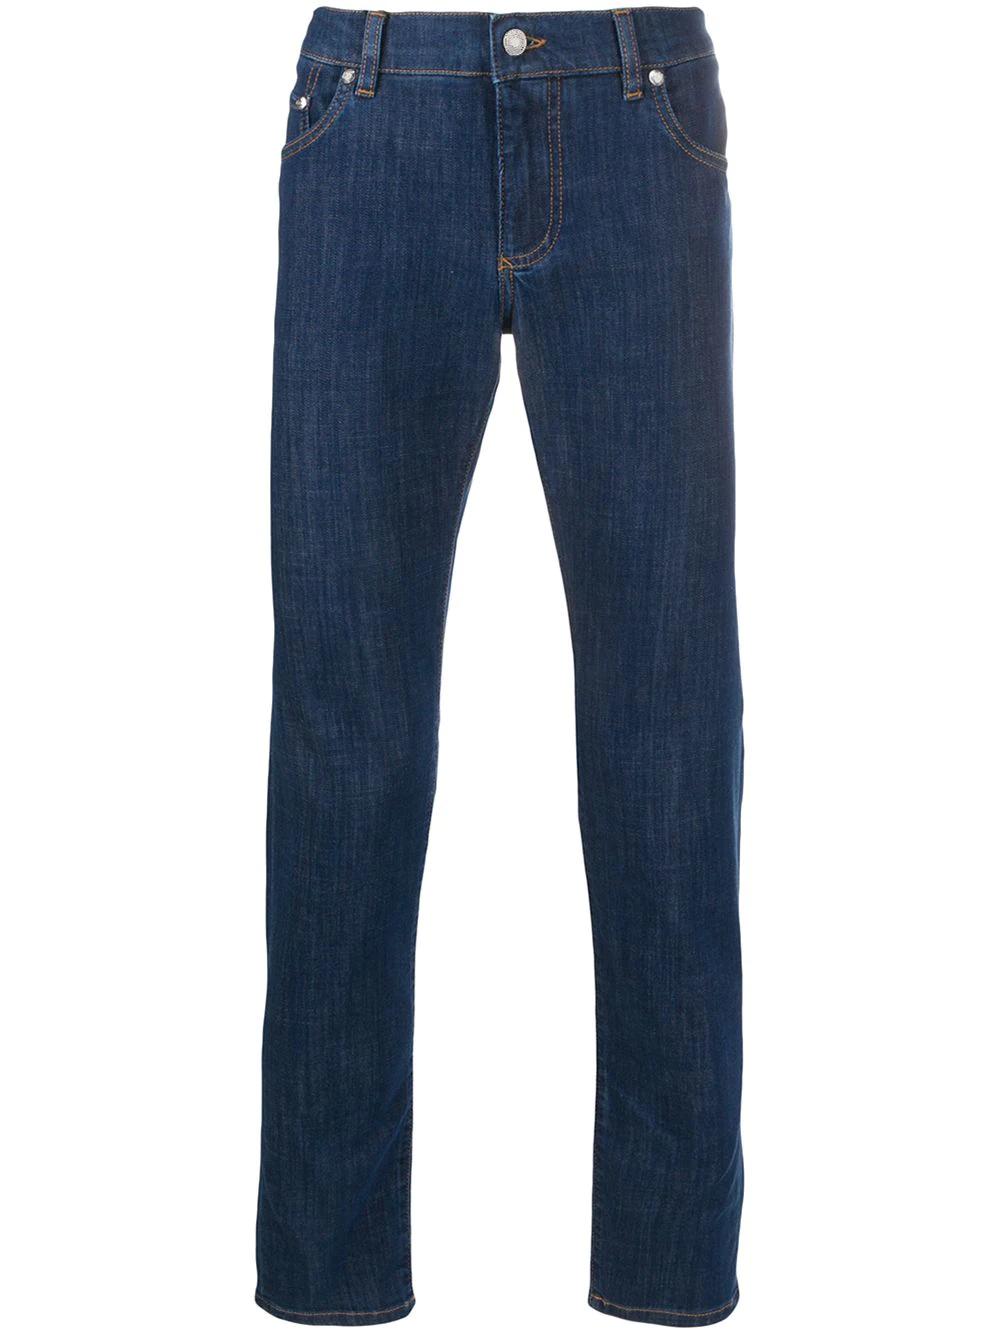 Dolce & Gabbana   Dolce & Gabbana укороченные джинсы кроя слим   Clouty